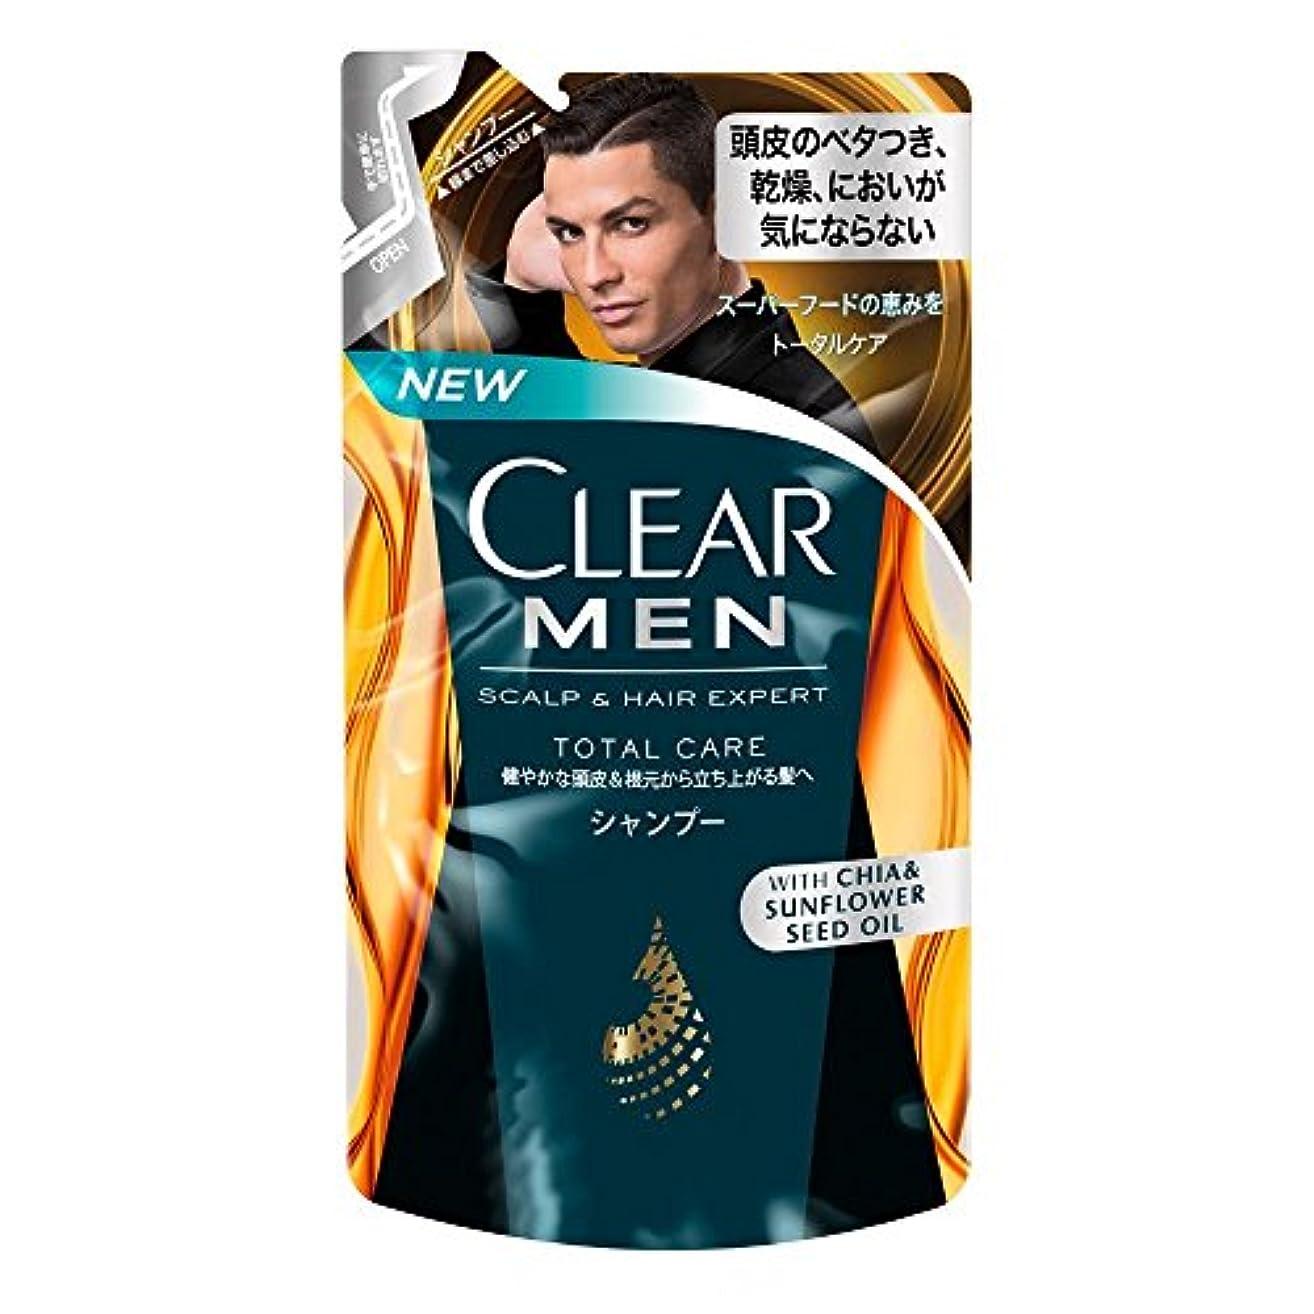 ファッションマネージャー関税クリア フォーメン トータルケア 男性用シャンプー つめかえ用 (健やかな頭皮へ) 280g × 3個